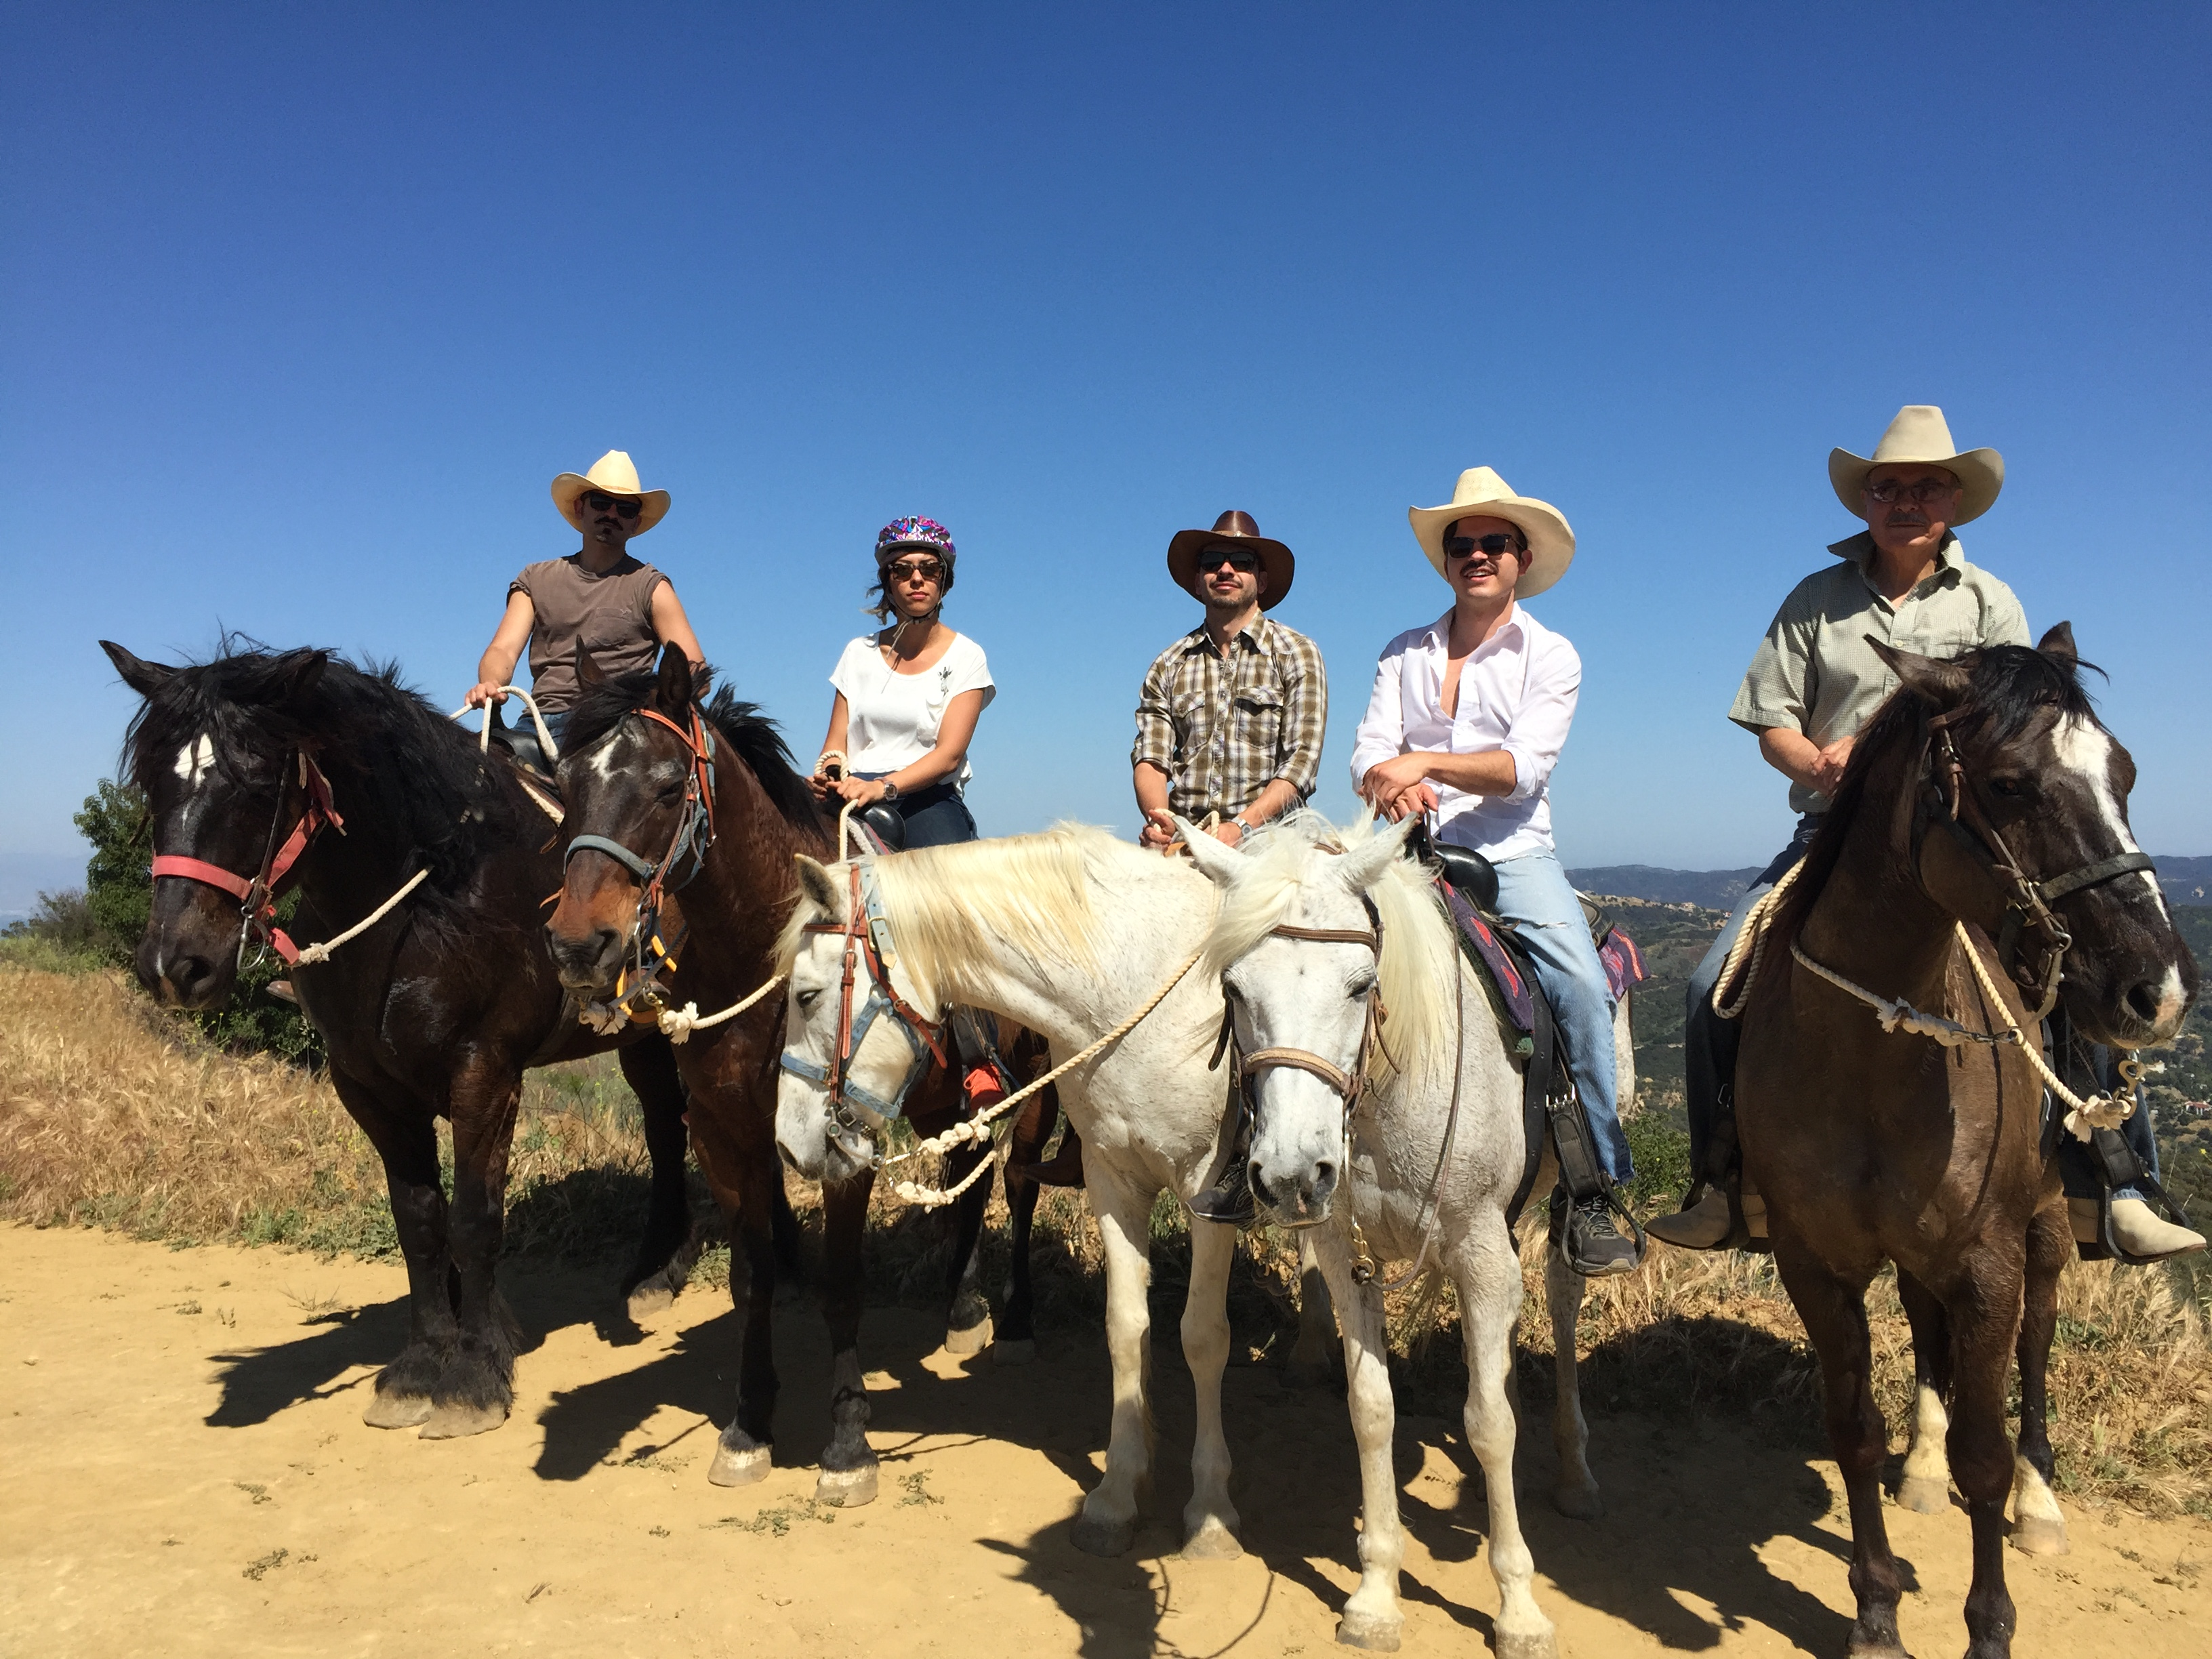 Trail riders at Los Angeles Horseback Riding